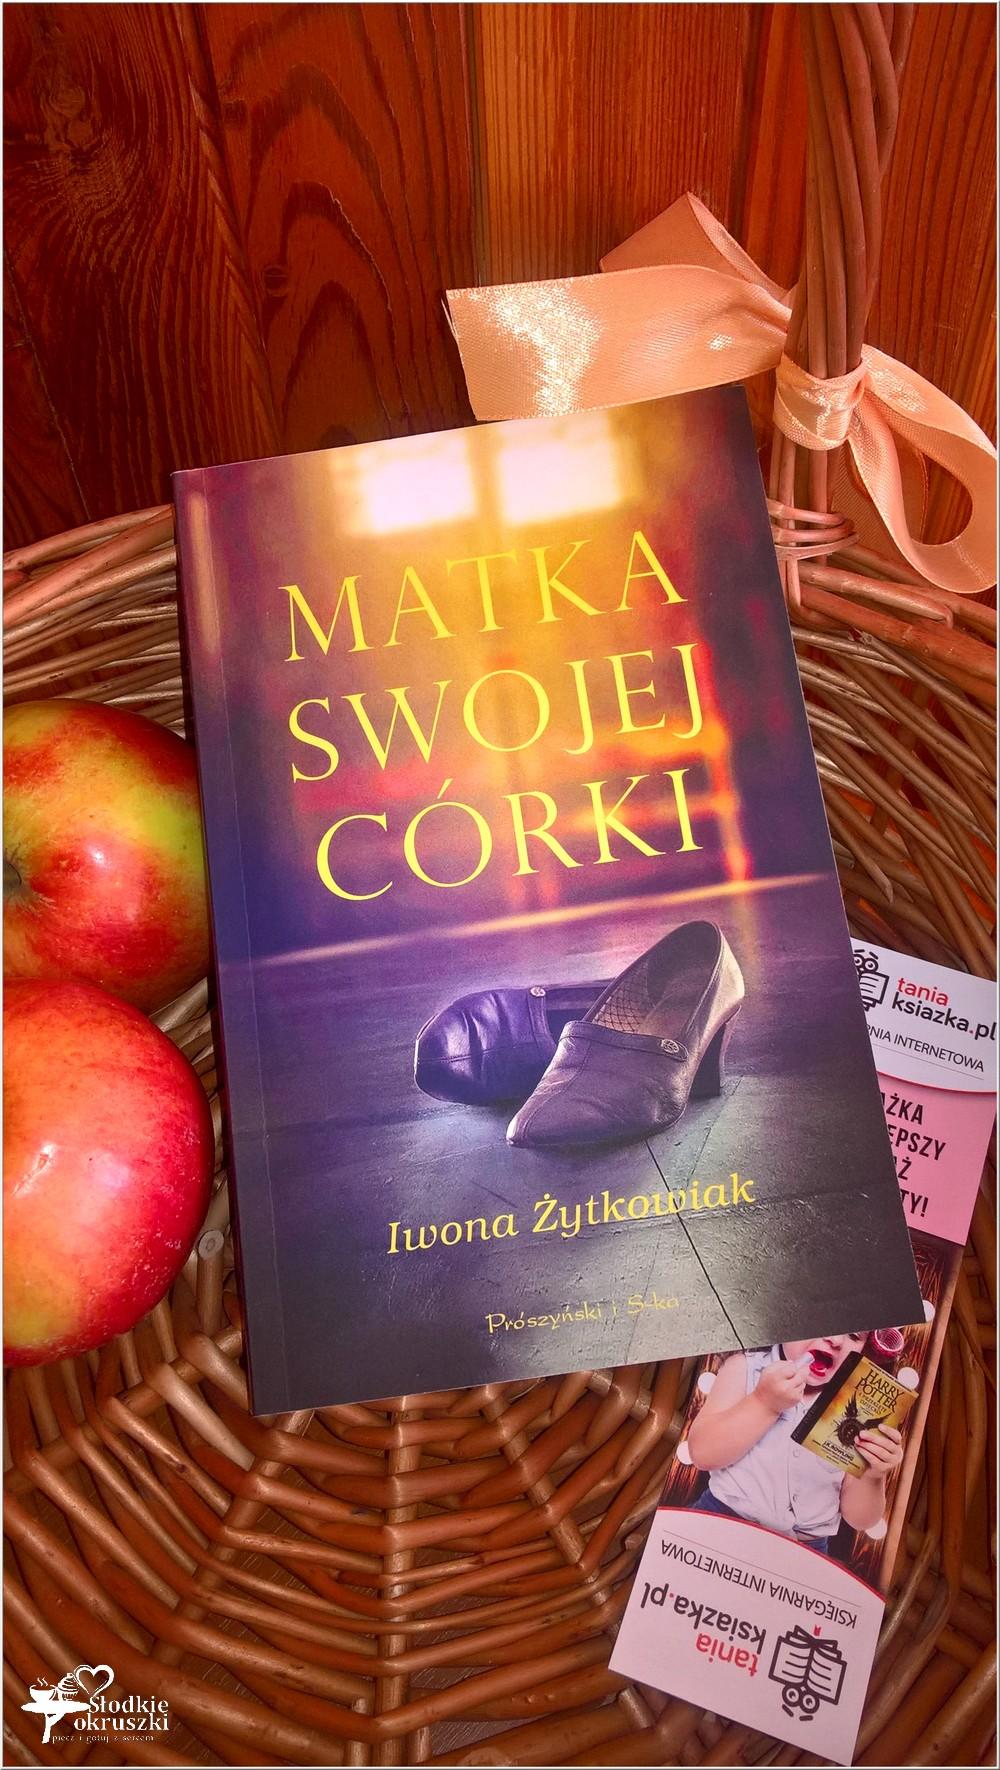 Matka swojej córki. Recenzja książki Iwony Żytkowiak.